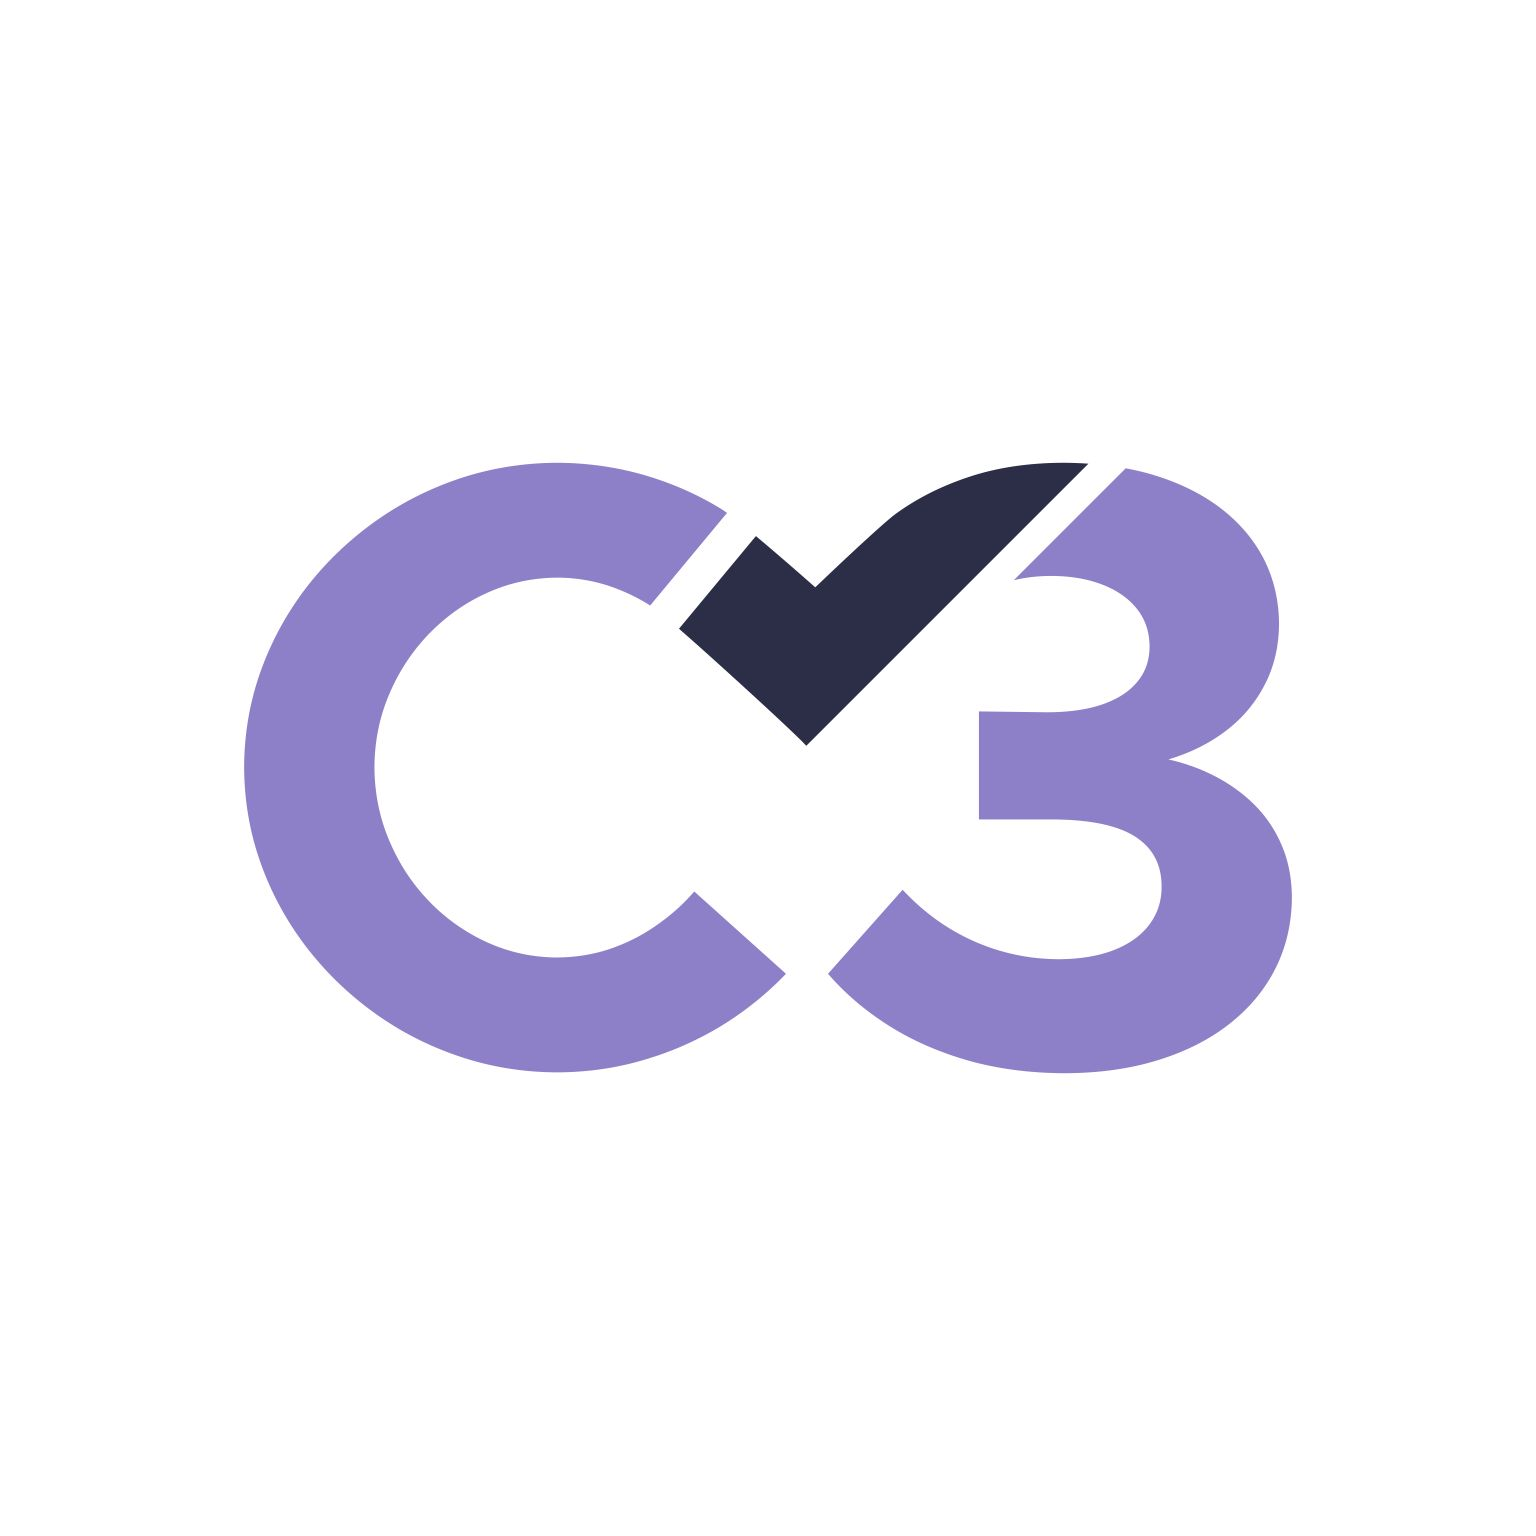 C3 ICON (1)